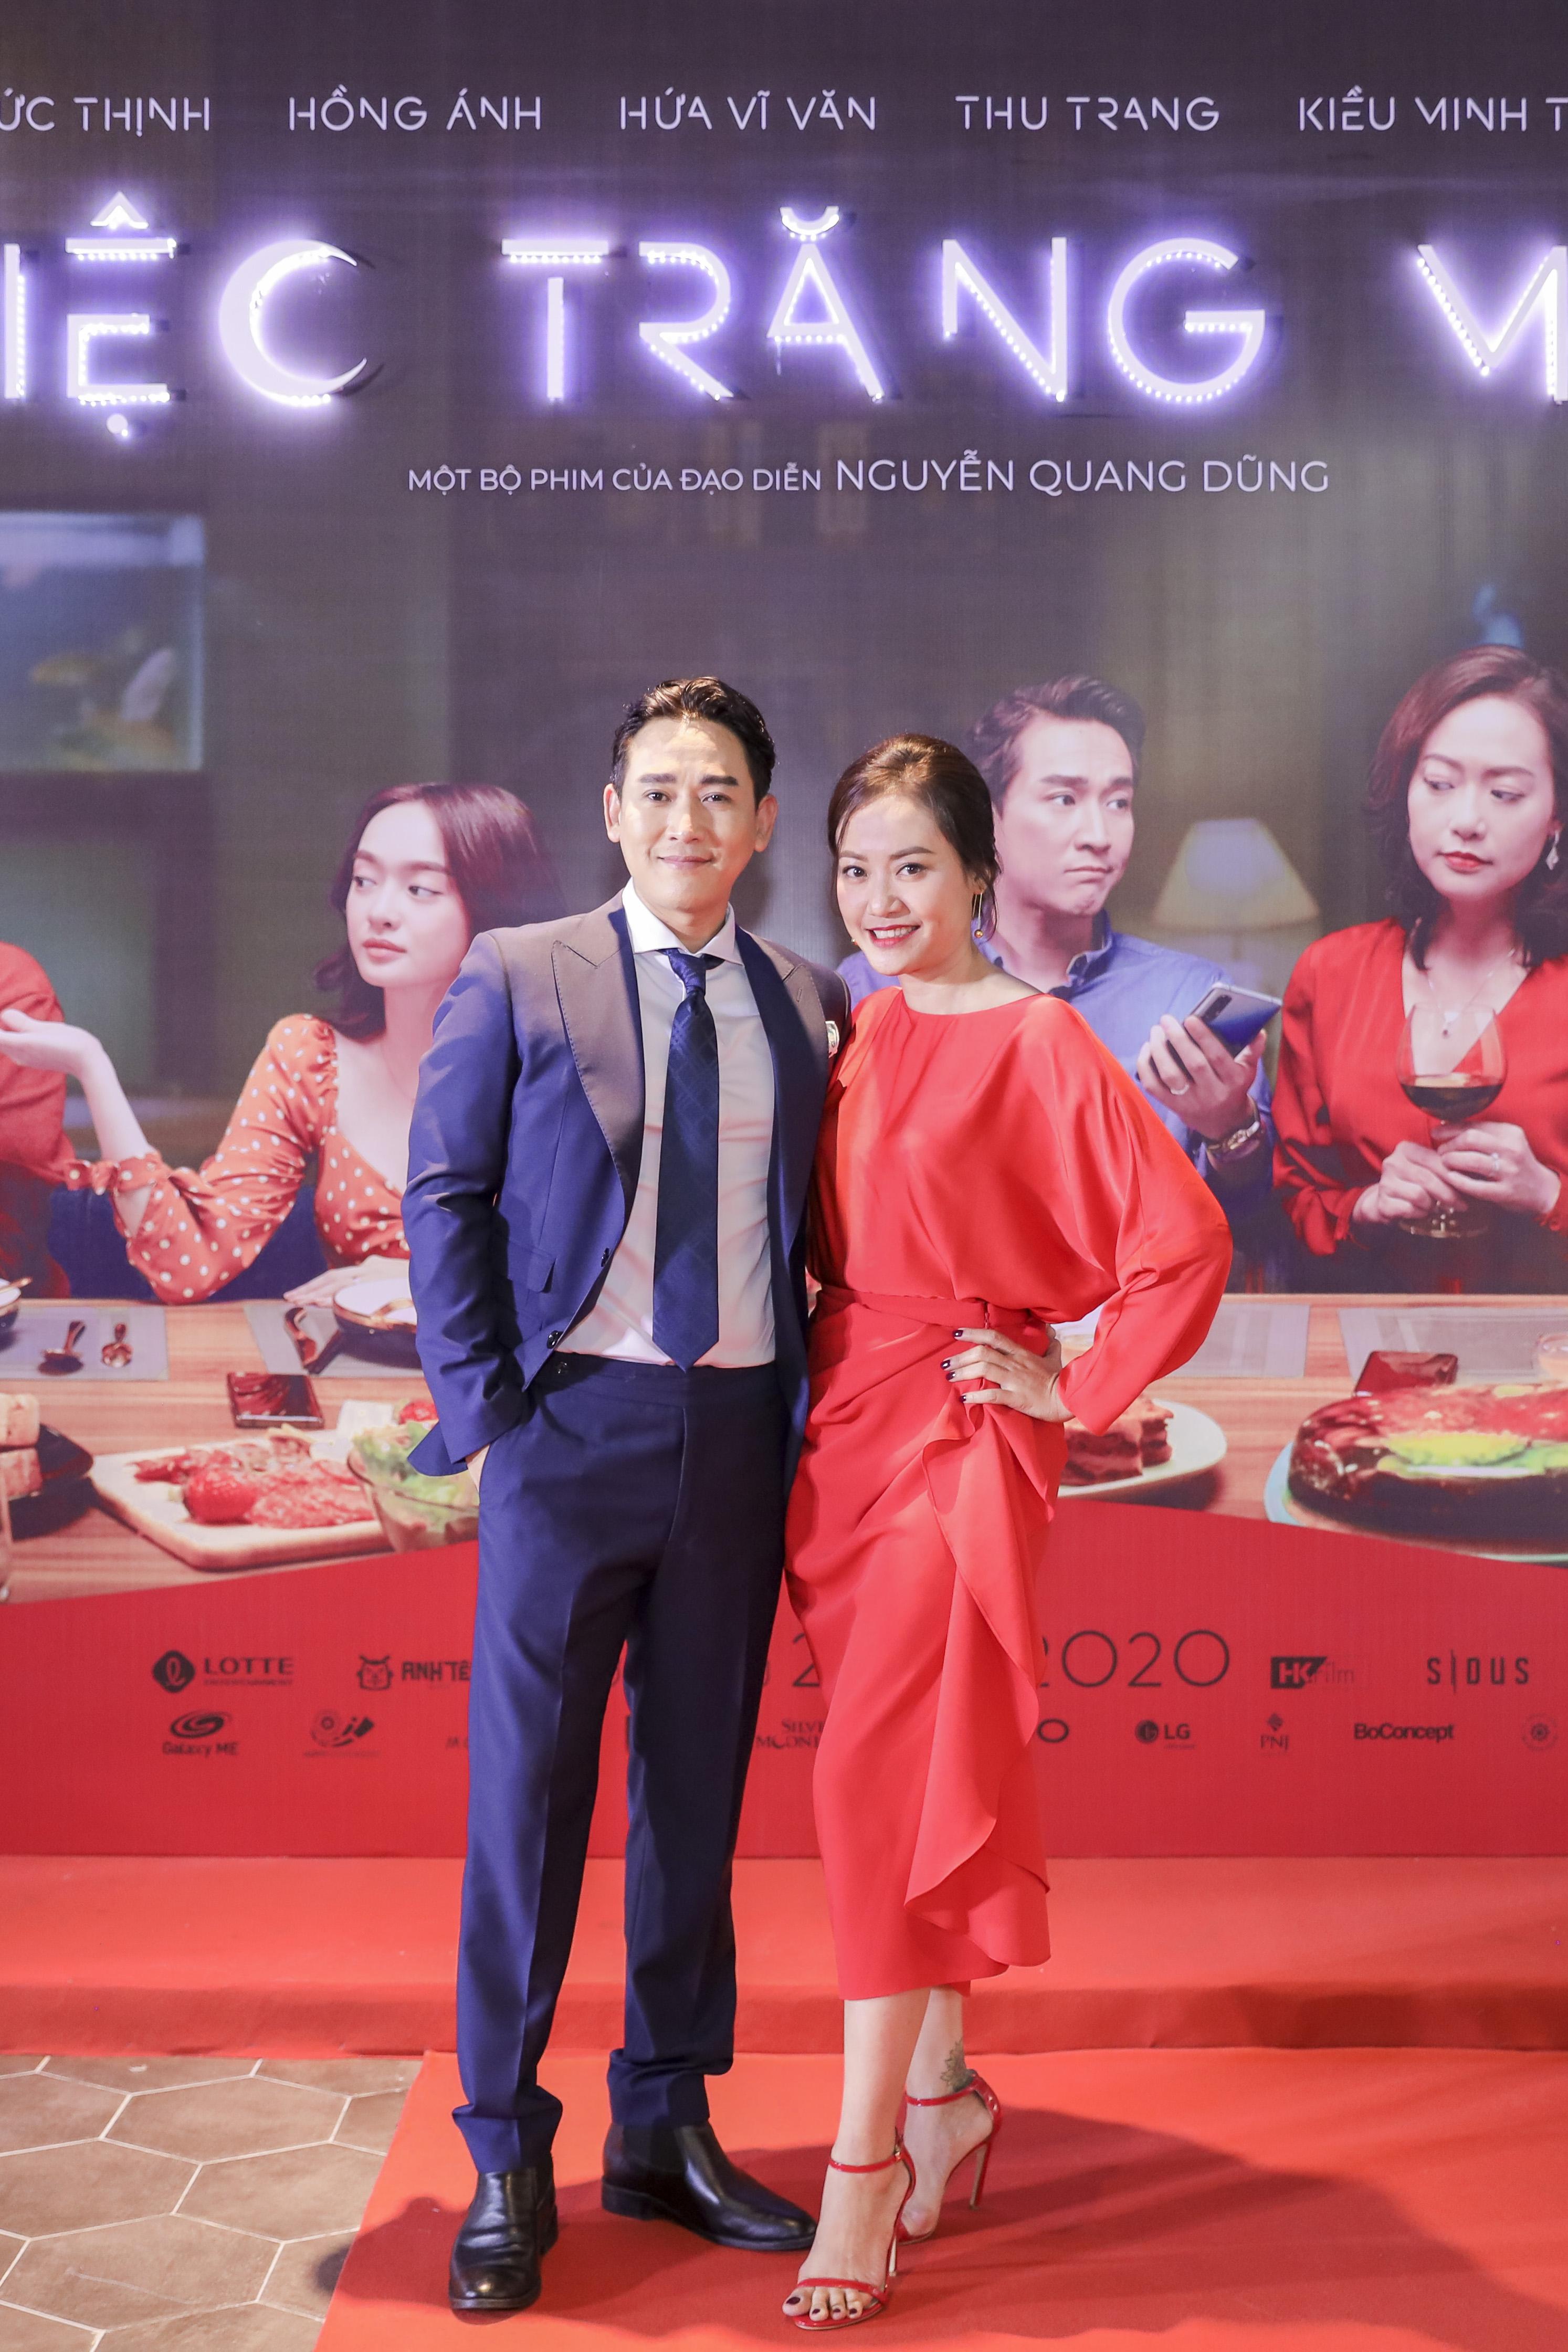 Hồng Ánh và Hứa Vĩ Văn vào vai cặp đôi chủ nhà của bữa tiệc gây tan nát tình thân trong phim